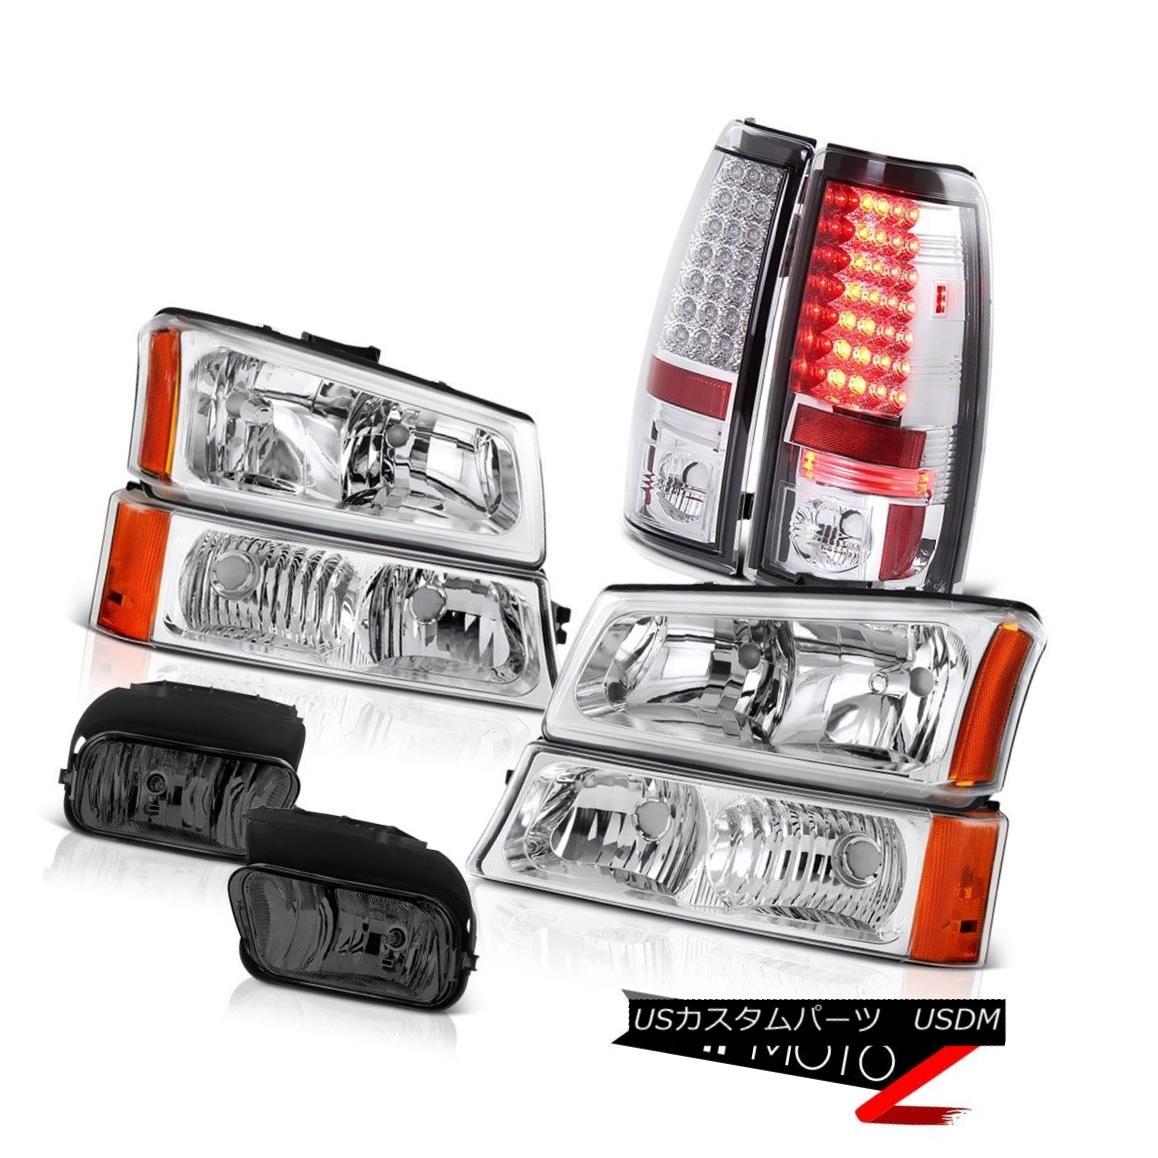 テールライト 2003 2004 Silverado 6.0L V8 Turn Signal Headlamps Smoke LED Tail Lamp Bumper Fog 2003 2004 Silverado 6.0L V8ターンシグナルヘッドライトスモークLEDテールランプバンパーフォグ